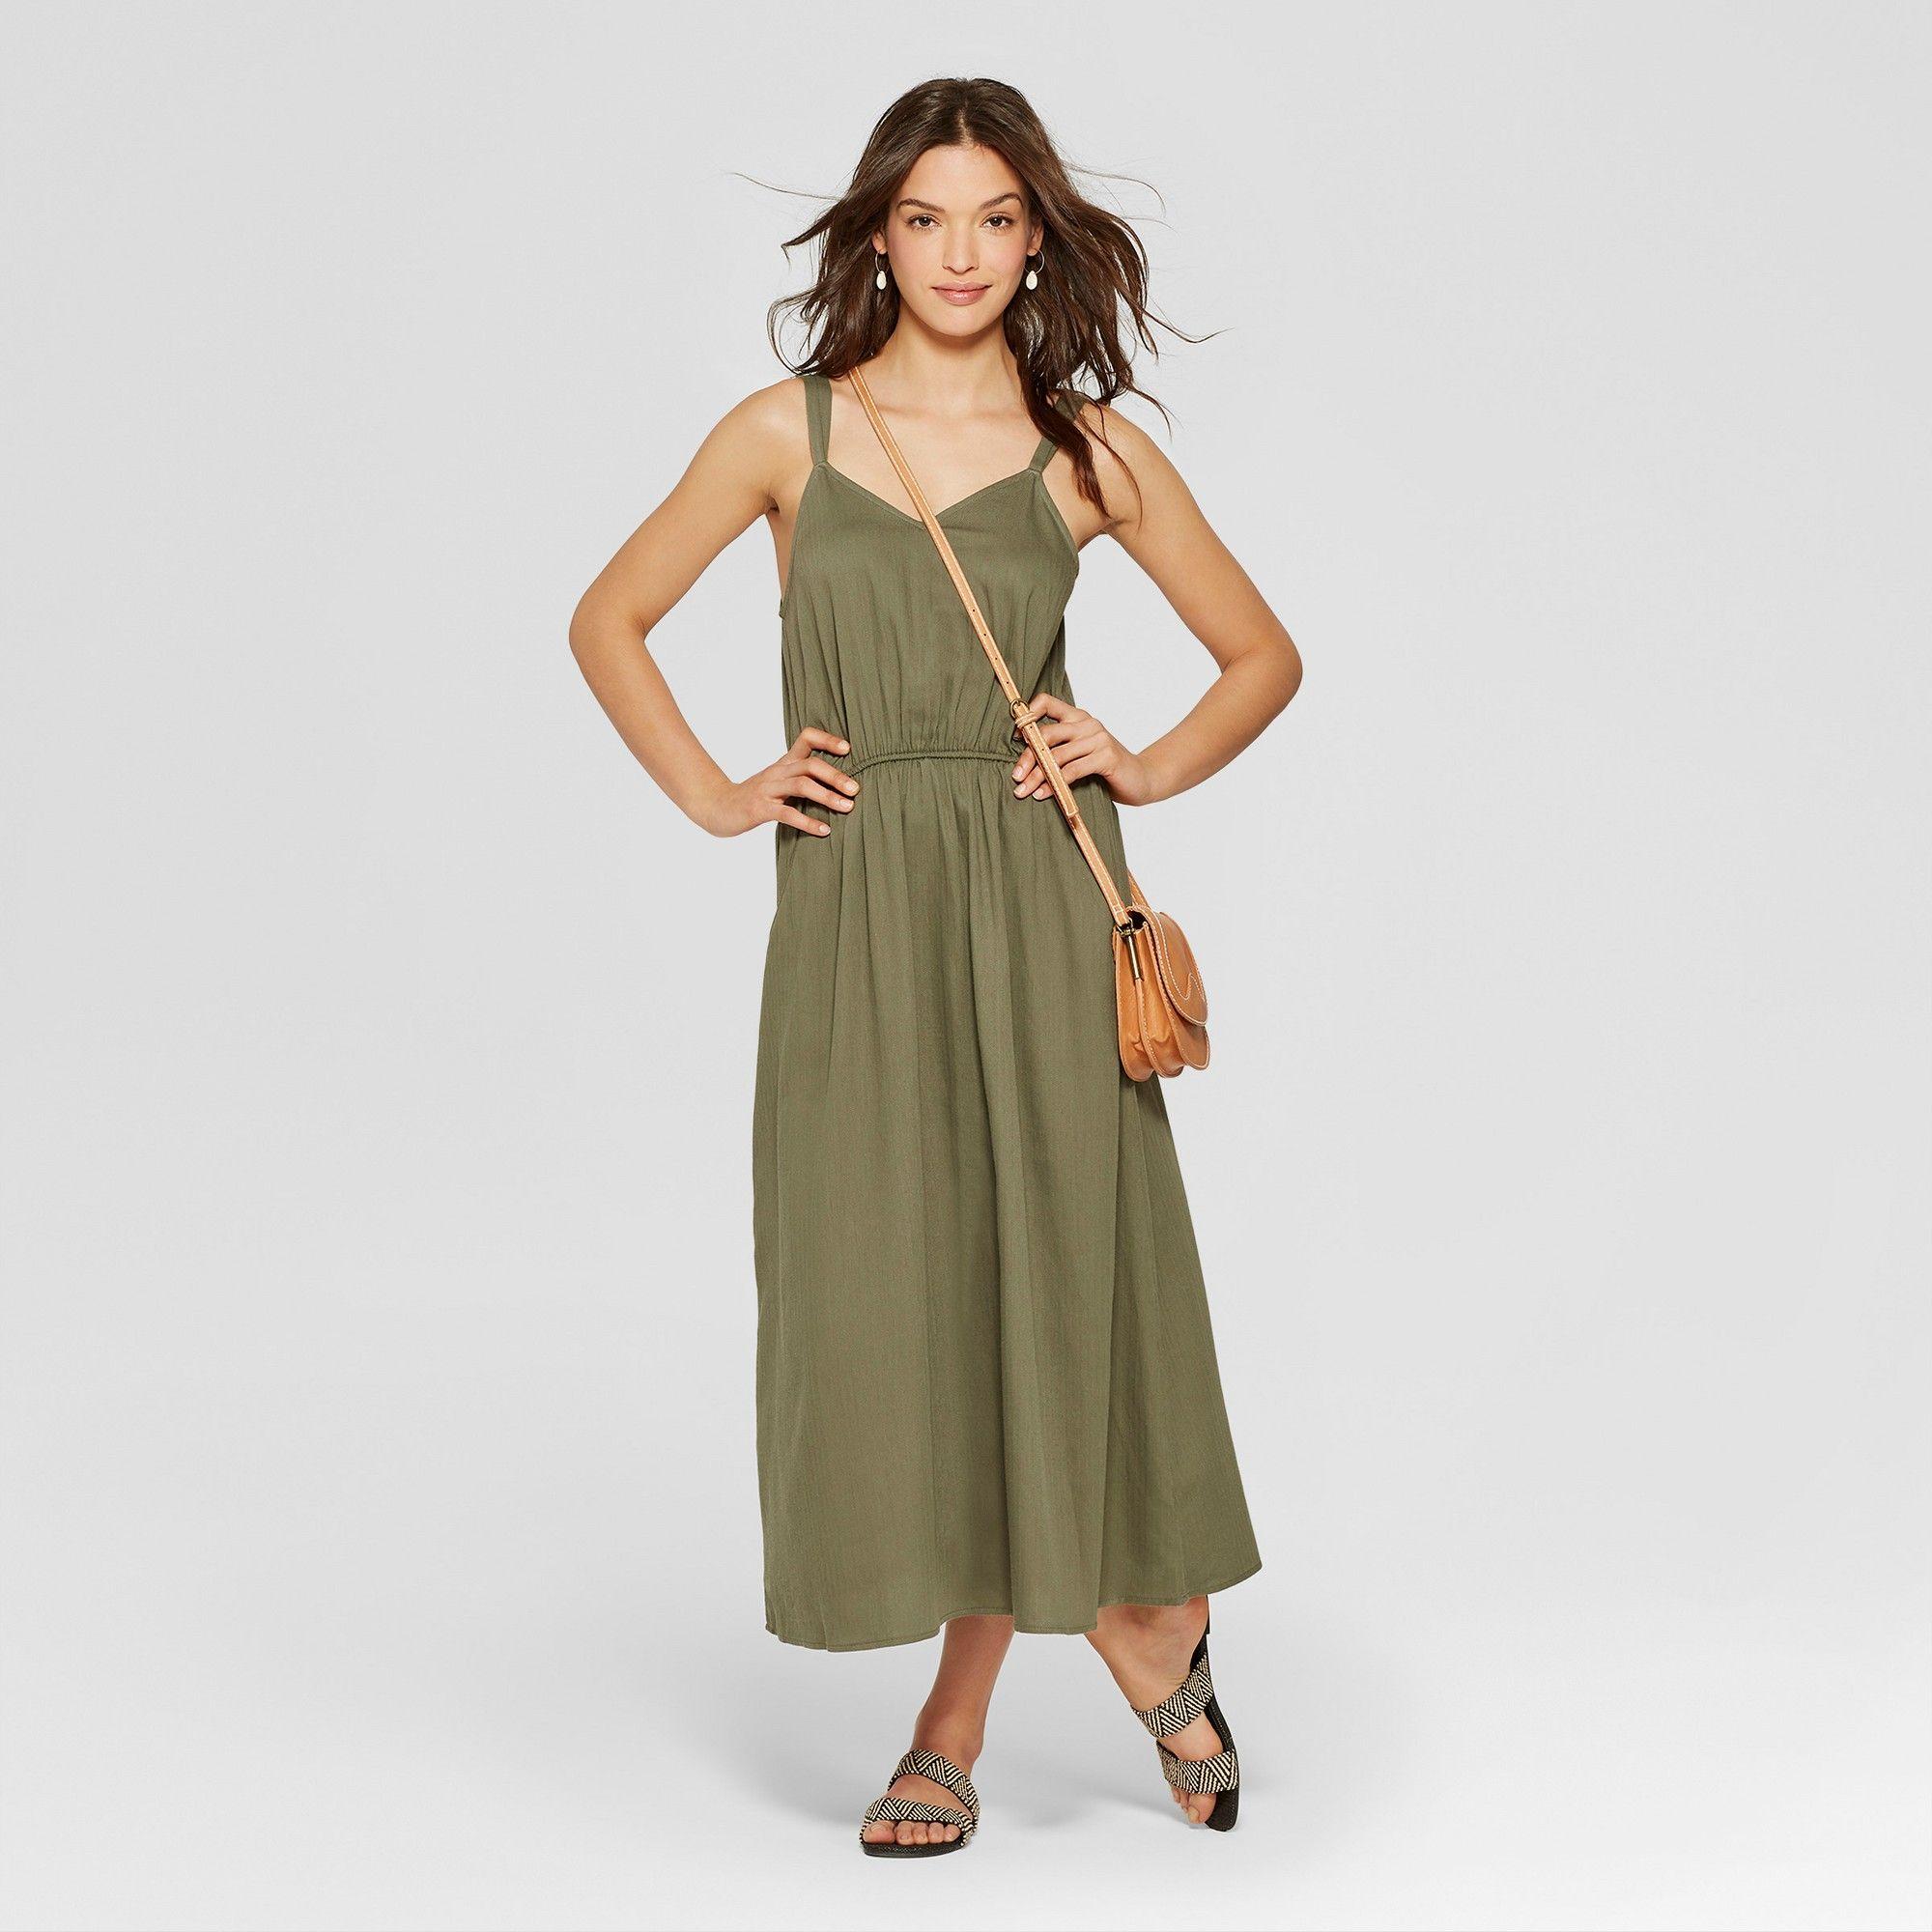 c7a36088dd3 Women s Maxi Dress - Universal Thread Olive (Green) Xxl